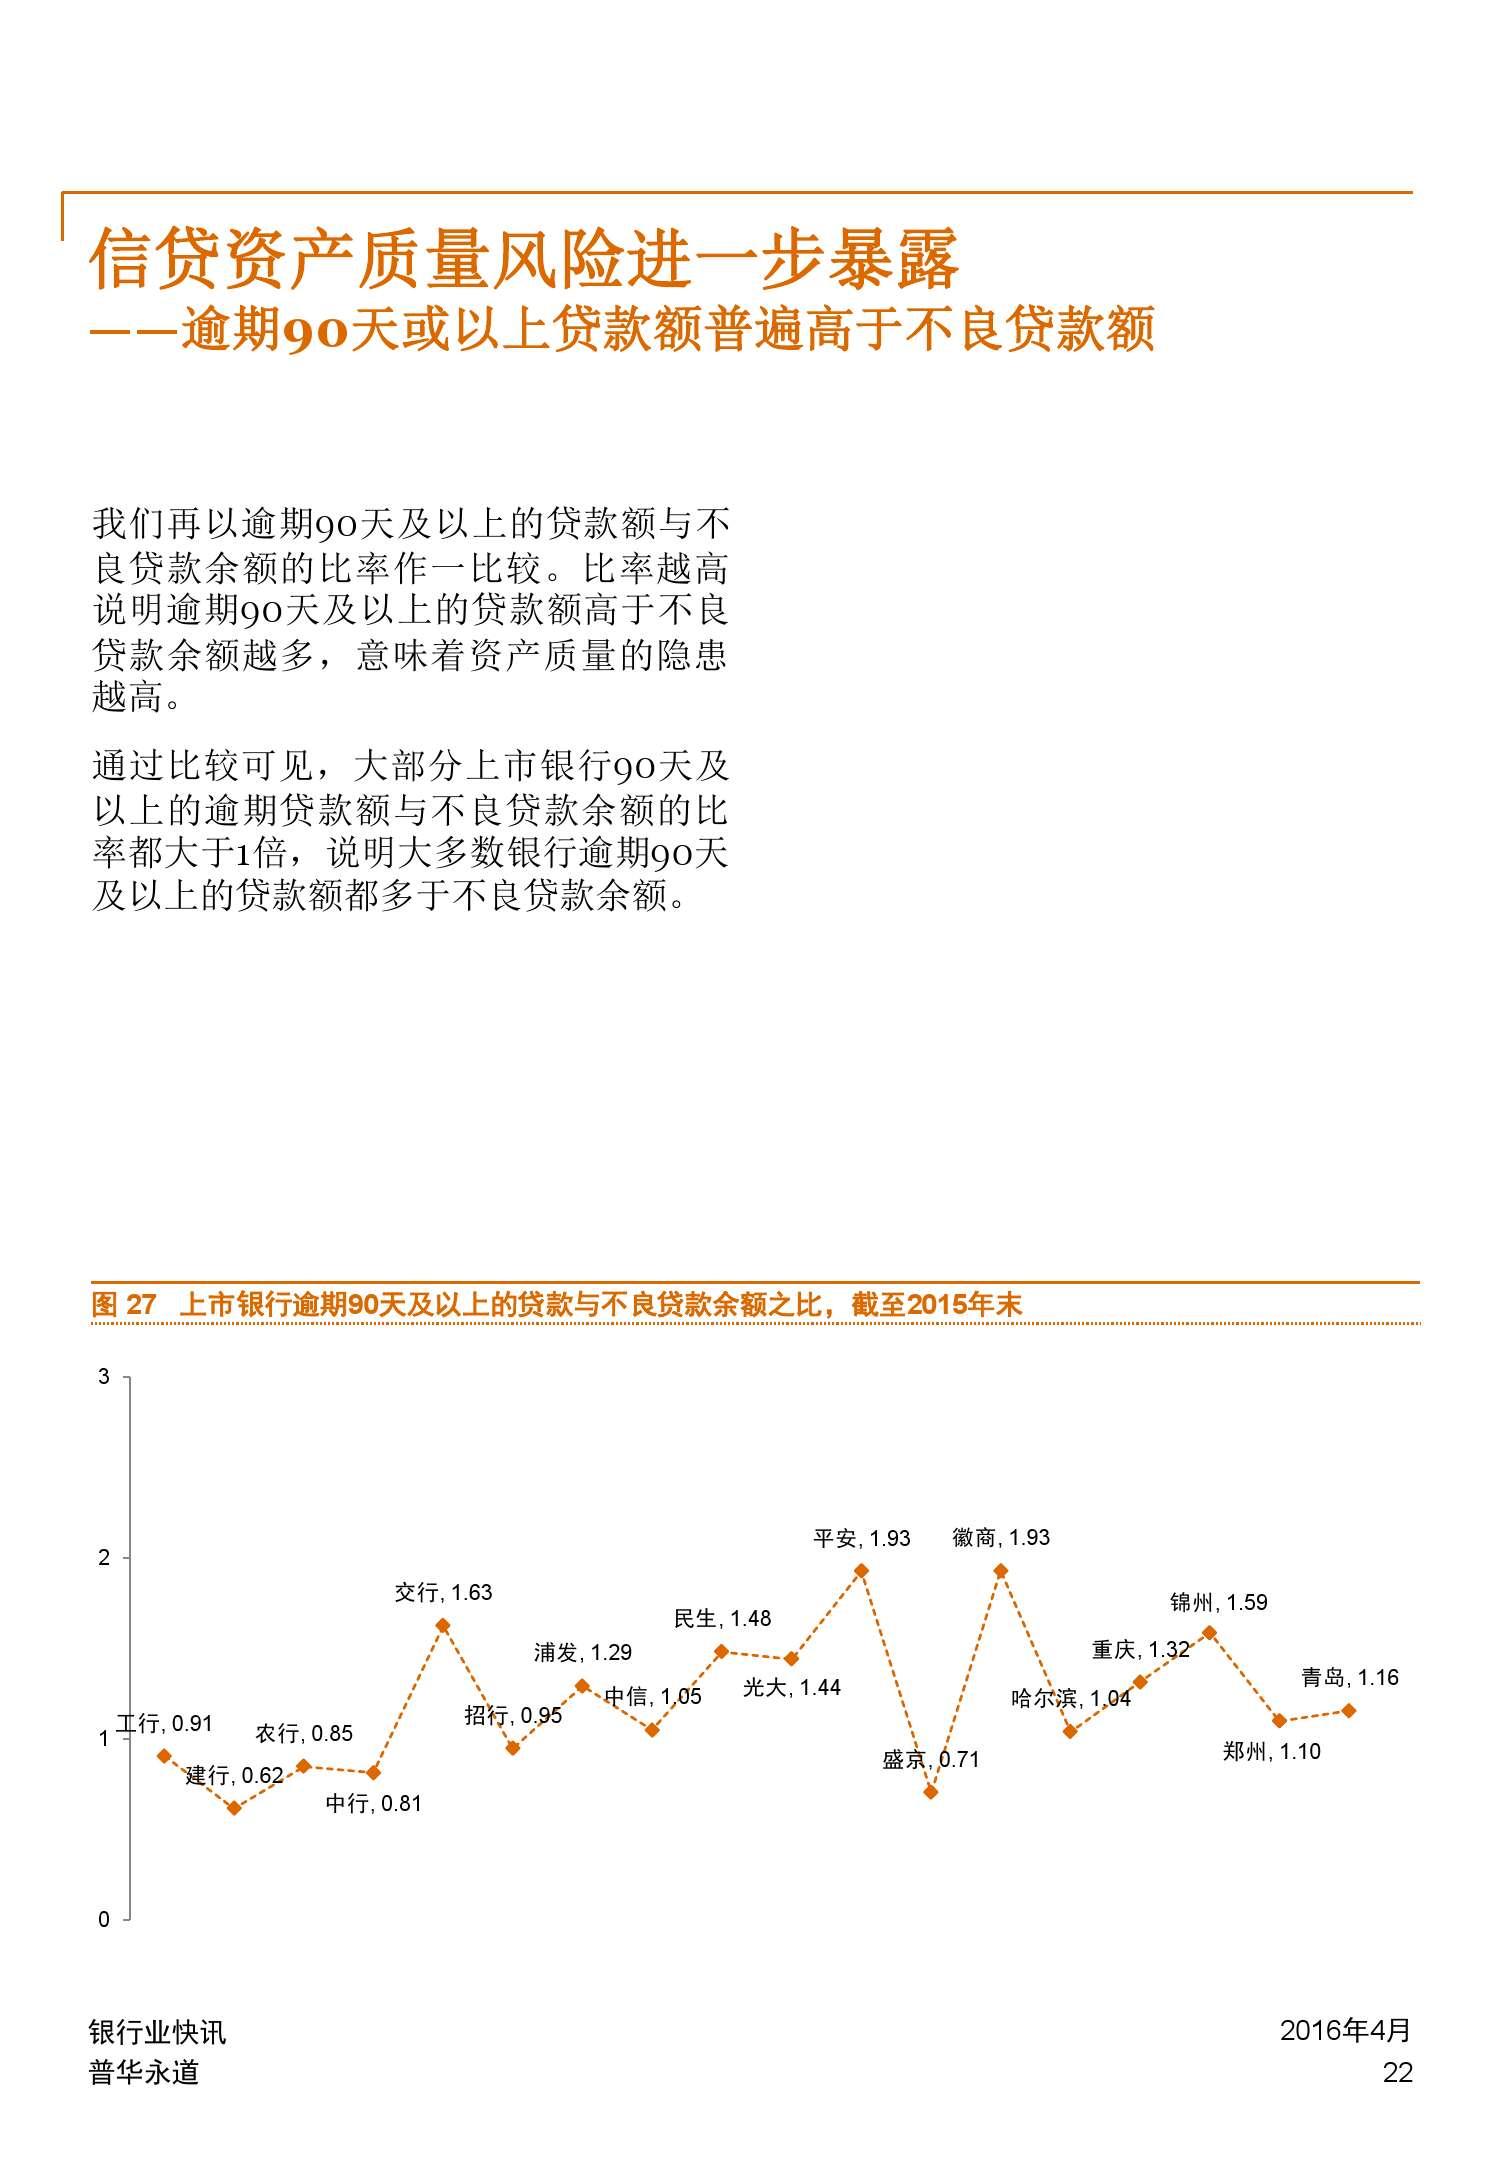 普华永道:2015年中国银行业回顾与展望_000022